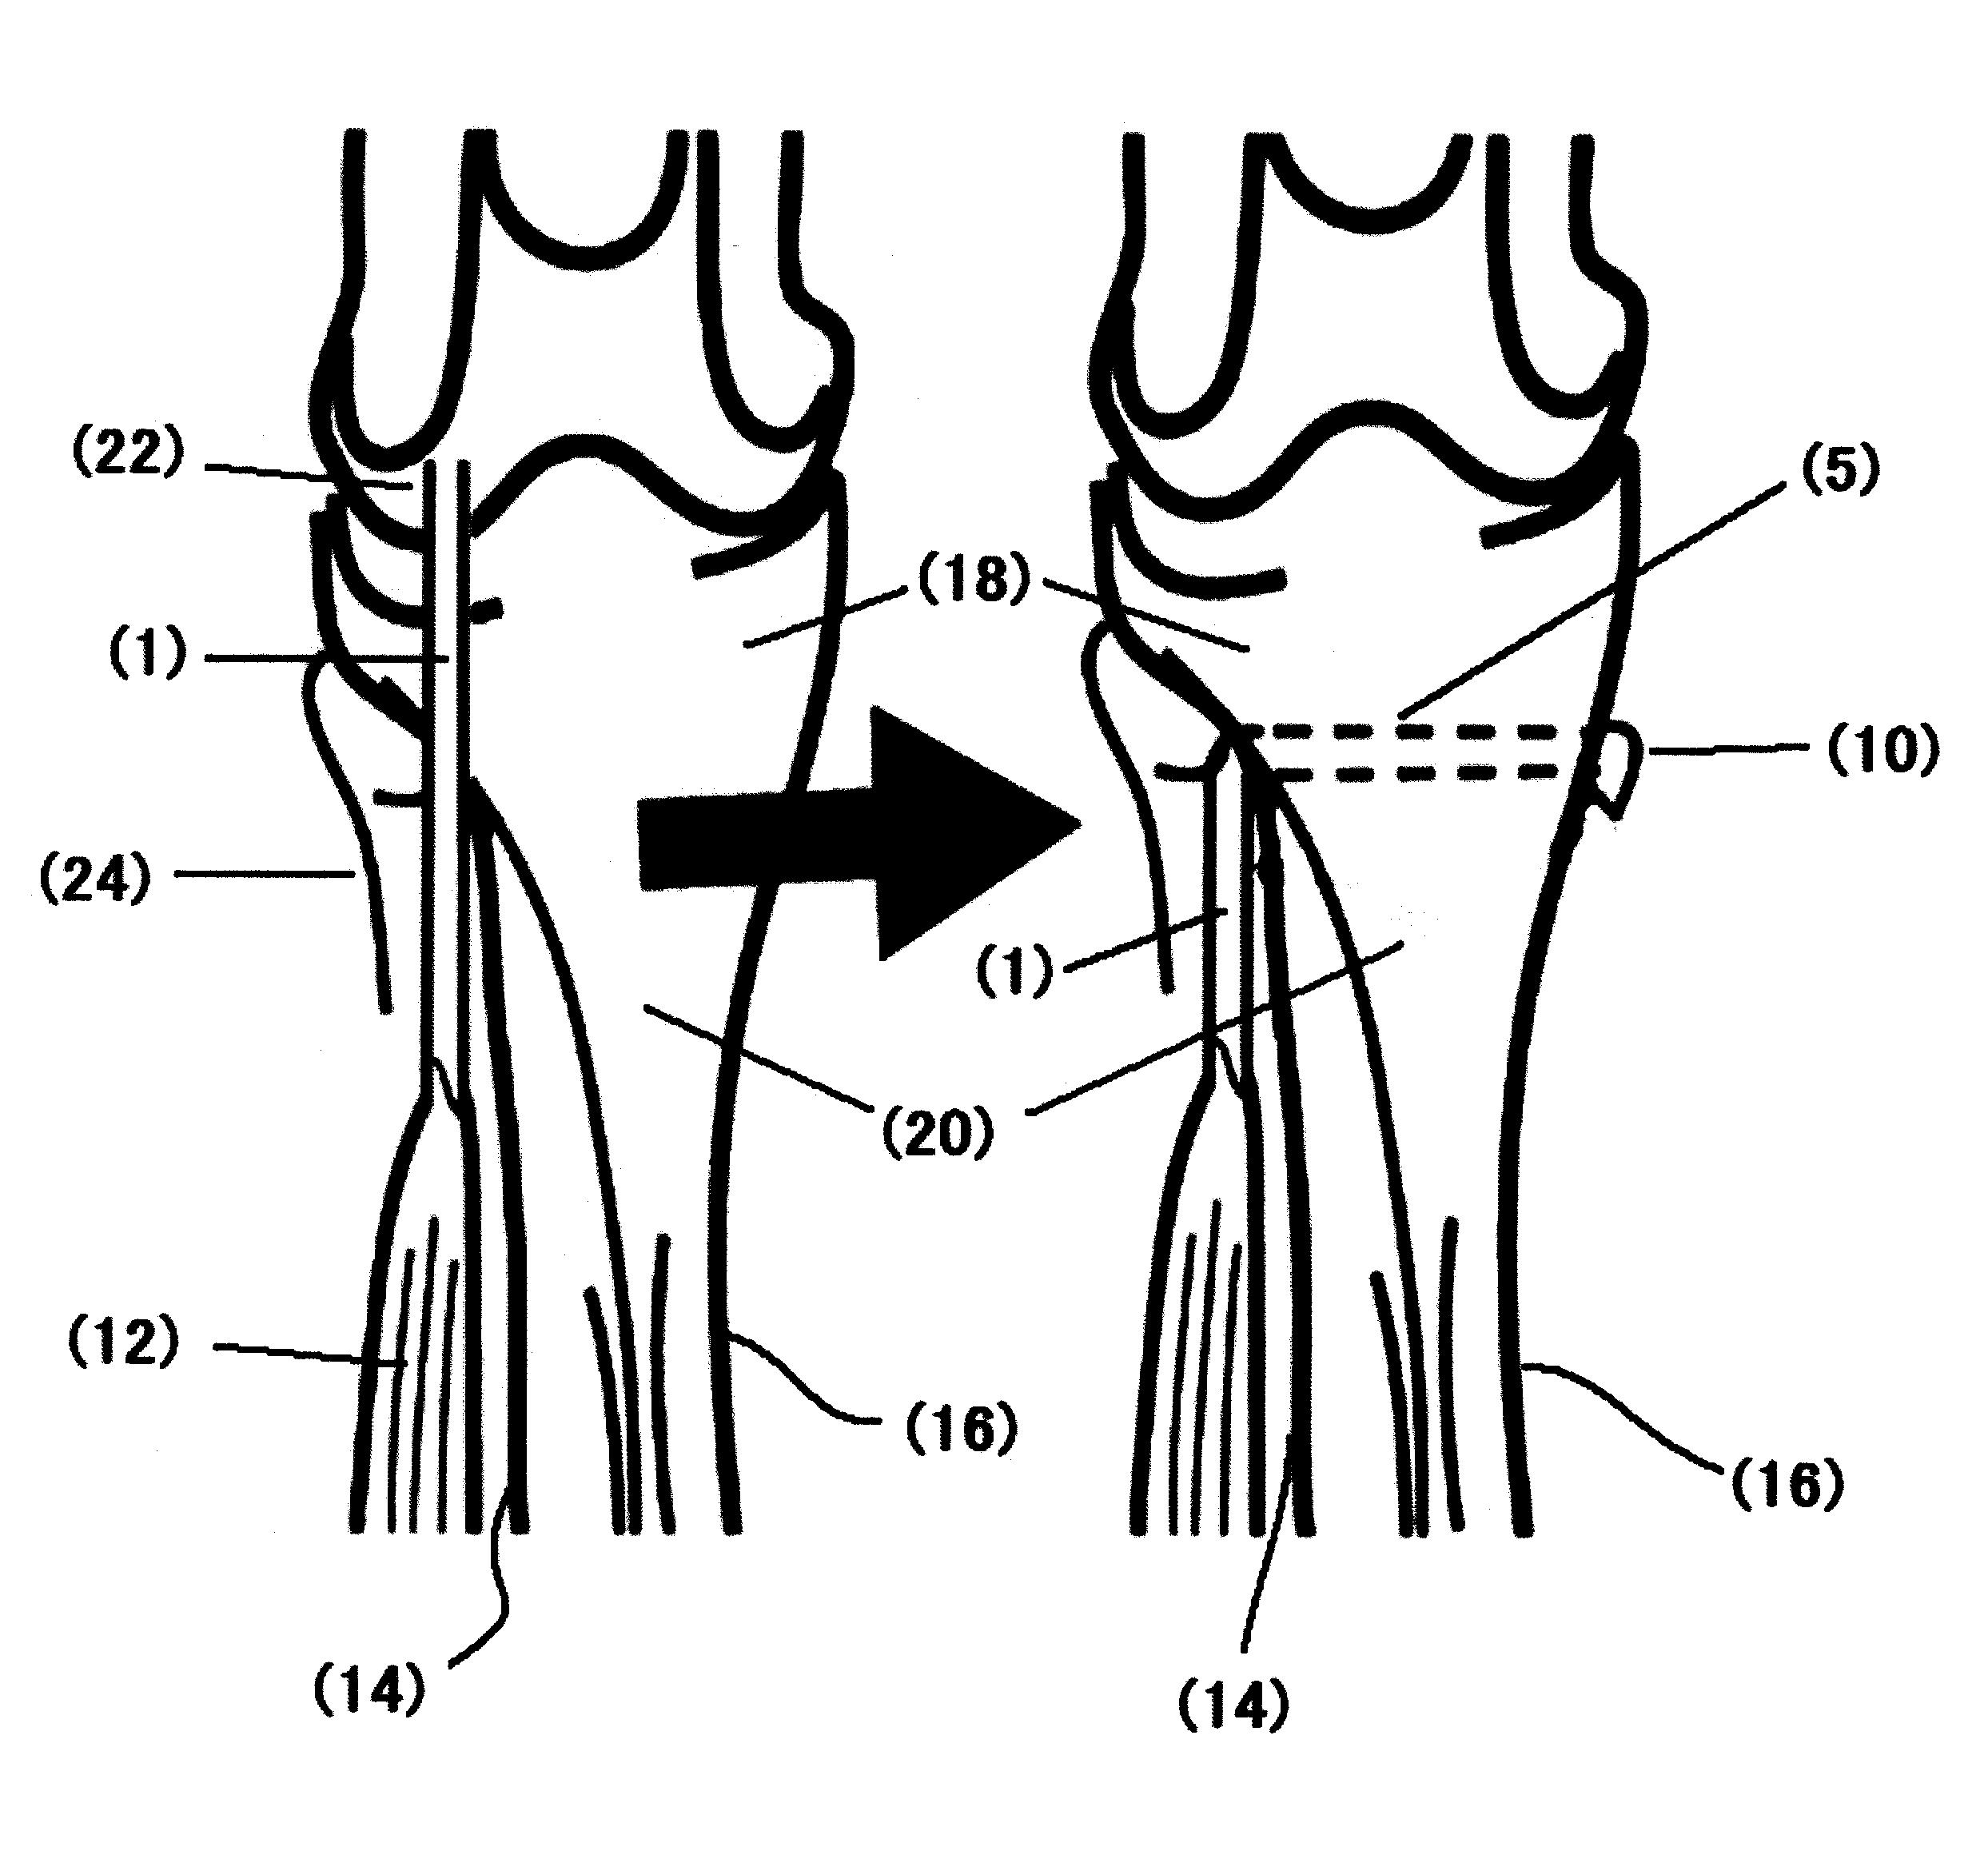 Patent Drawing     腱骨移行部組織または靭帯骨移行部組織の再生促進剤